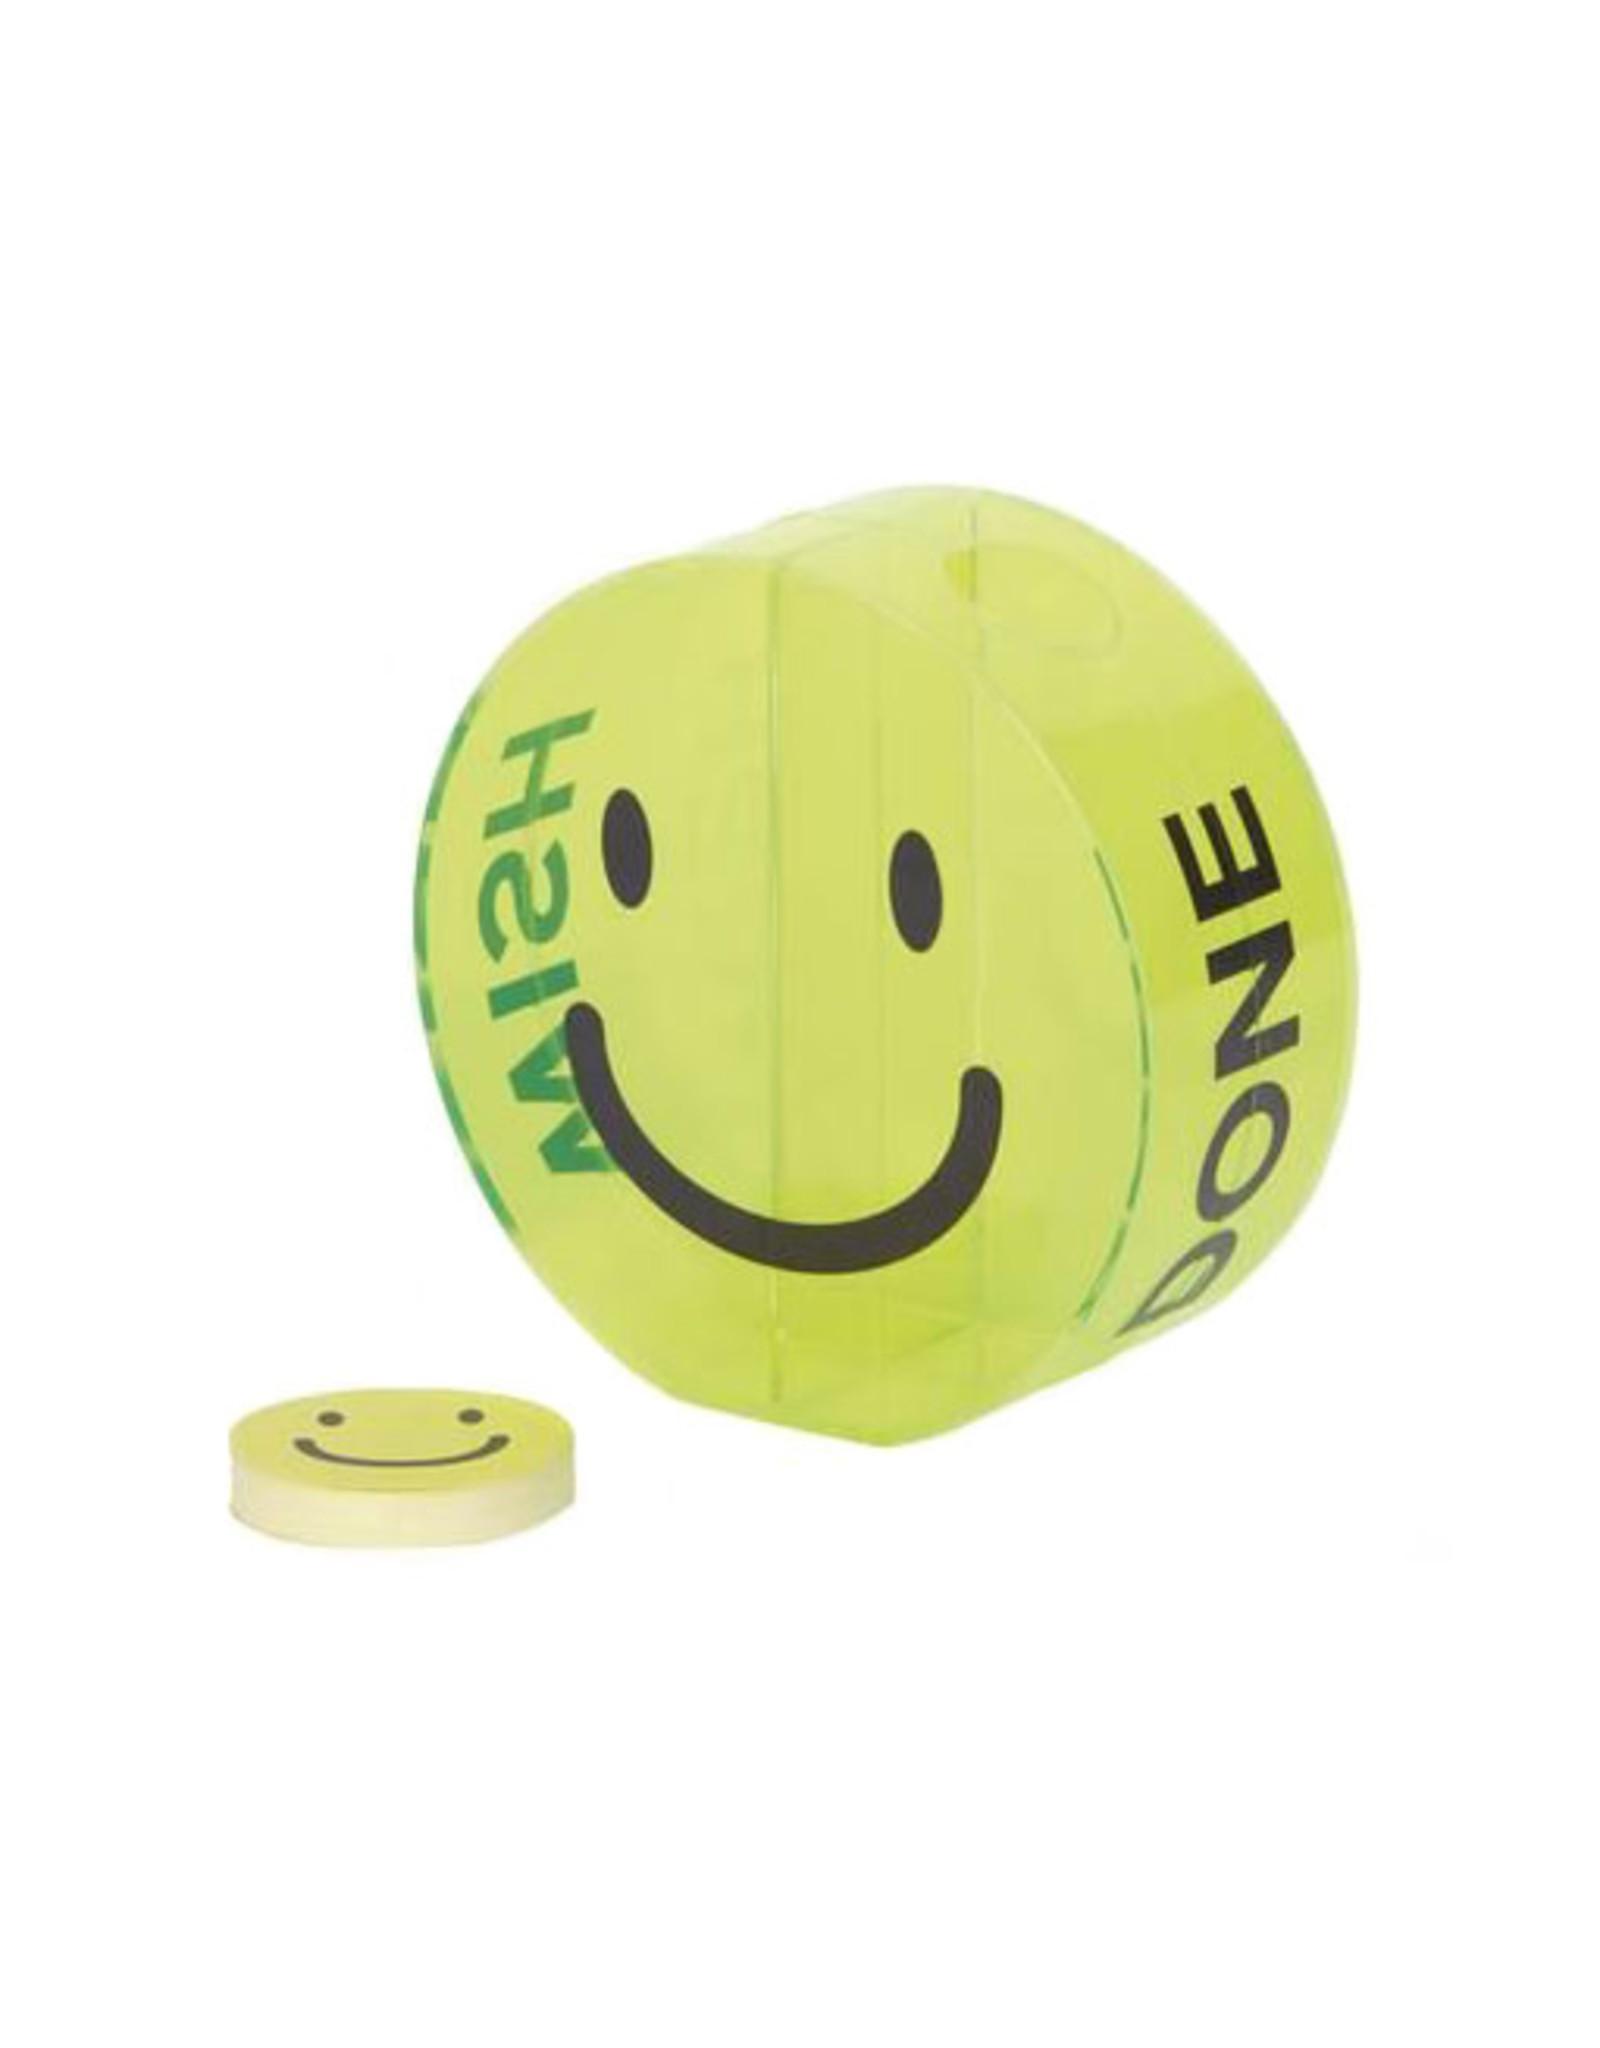 Wishbox smiley